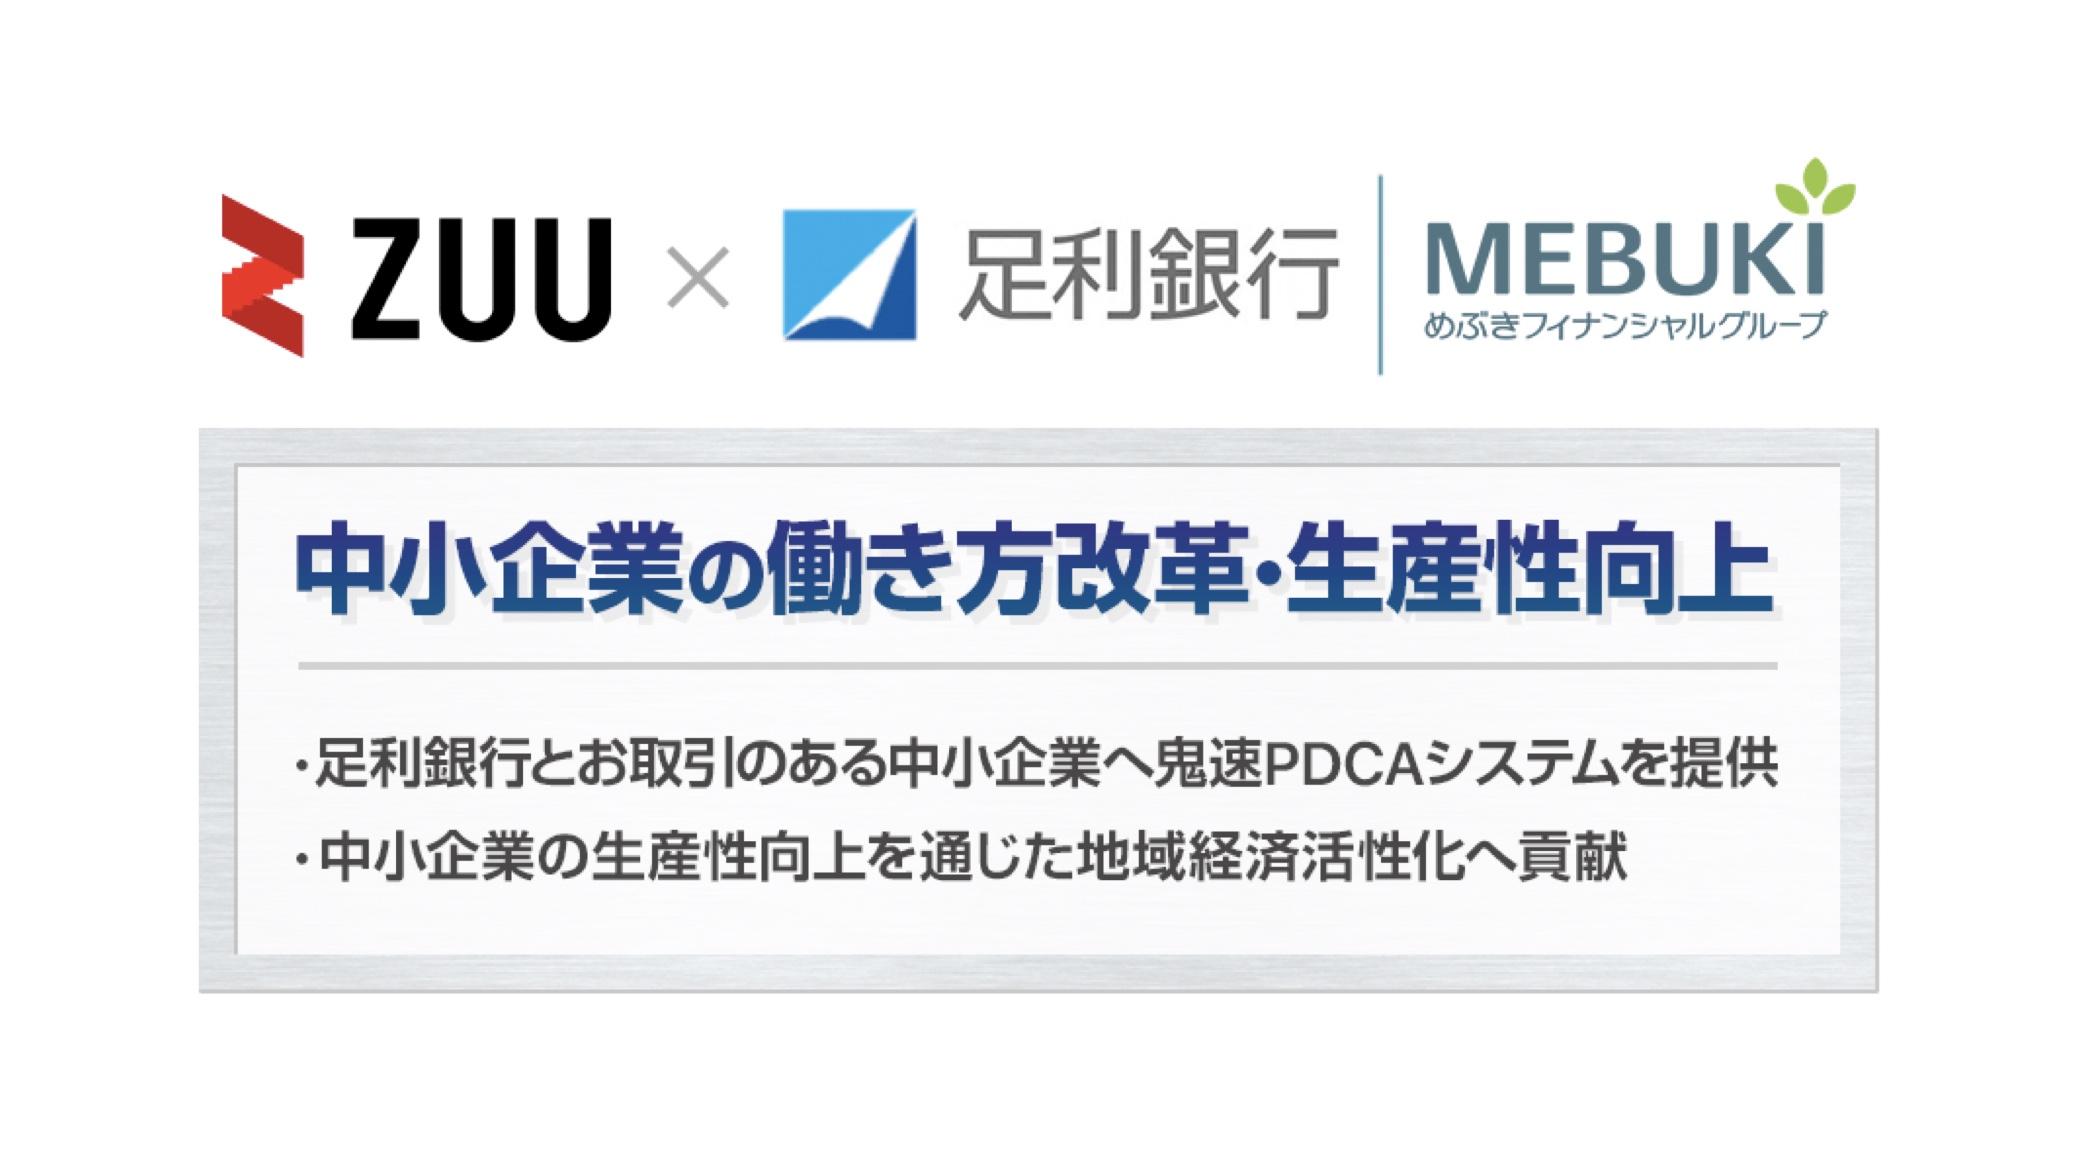 ZUU×足利銀行 | 「鬼速PDCAシステム」を活用した中小企業の働き方改革・生産性向上の支援で業務提携